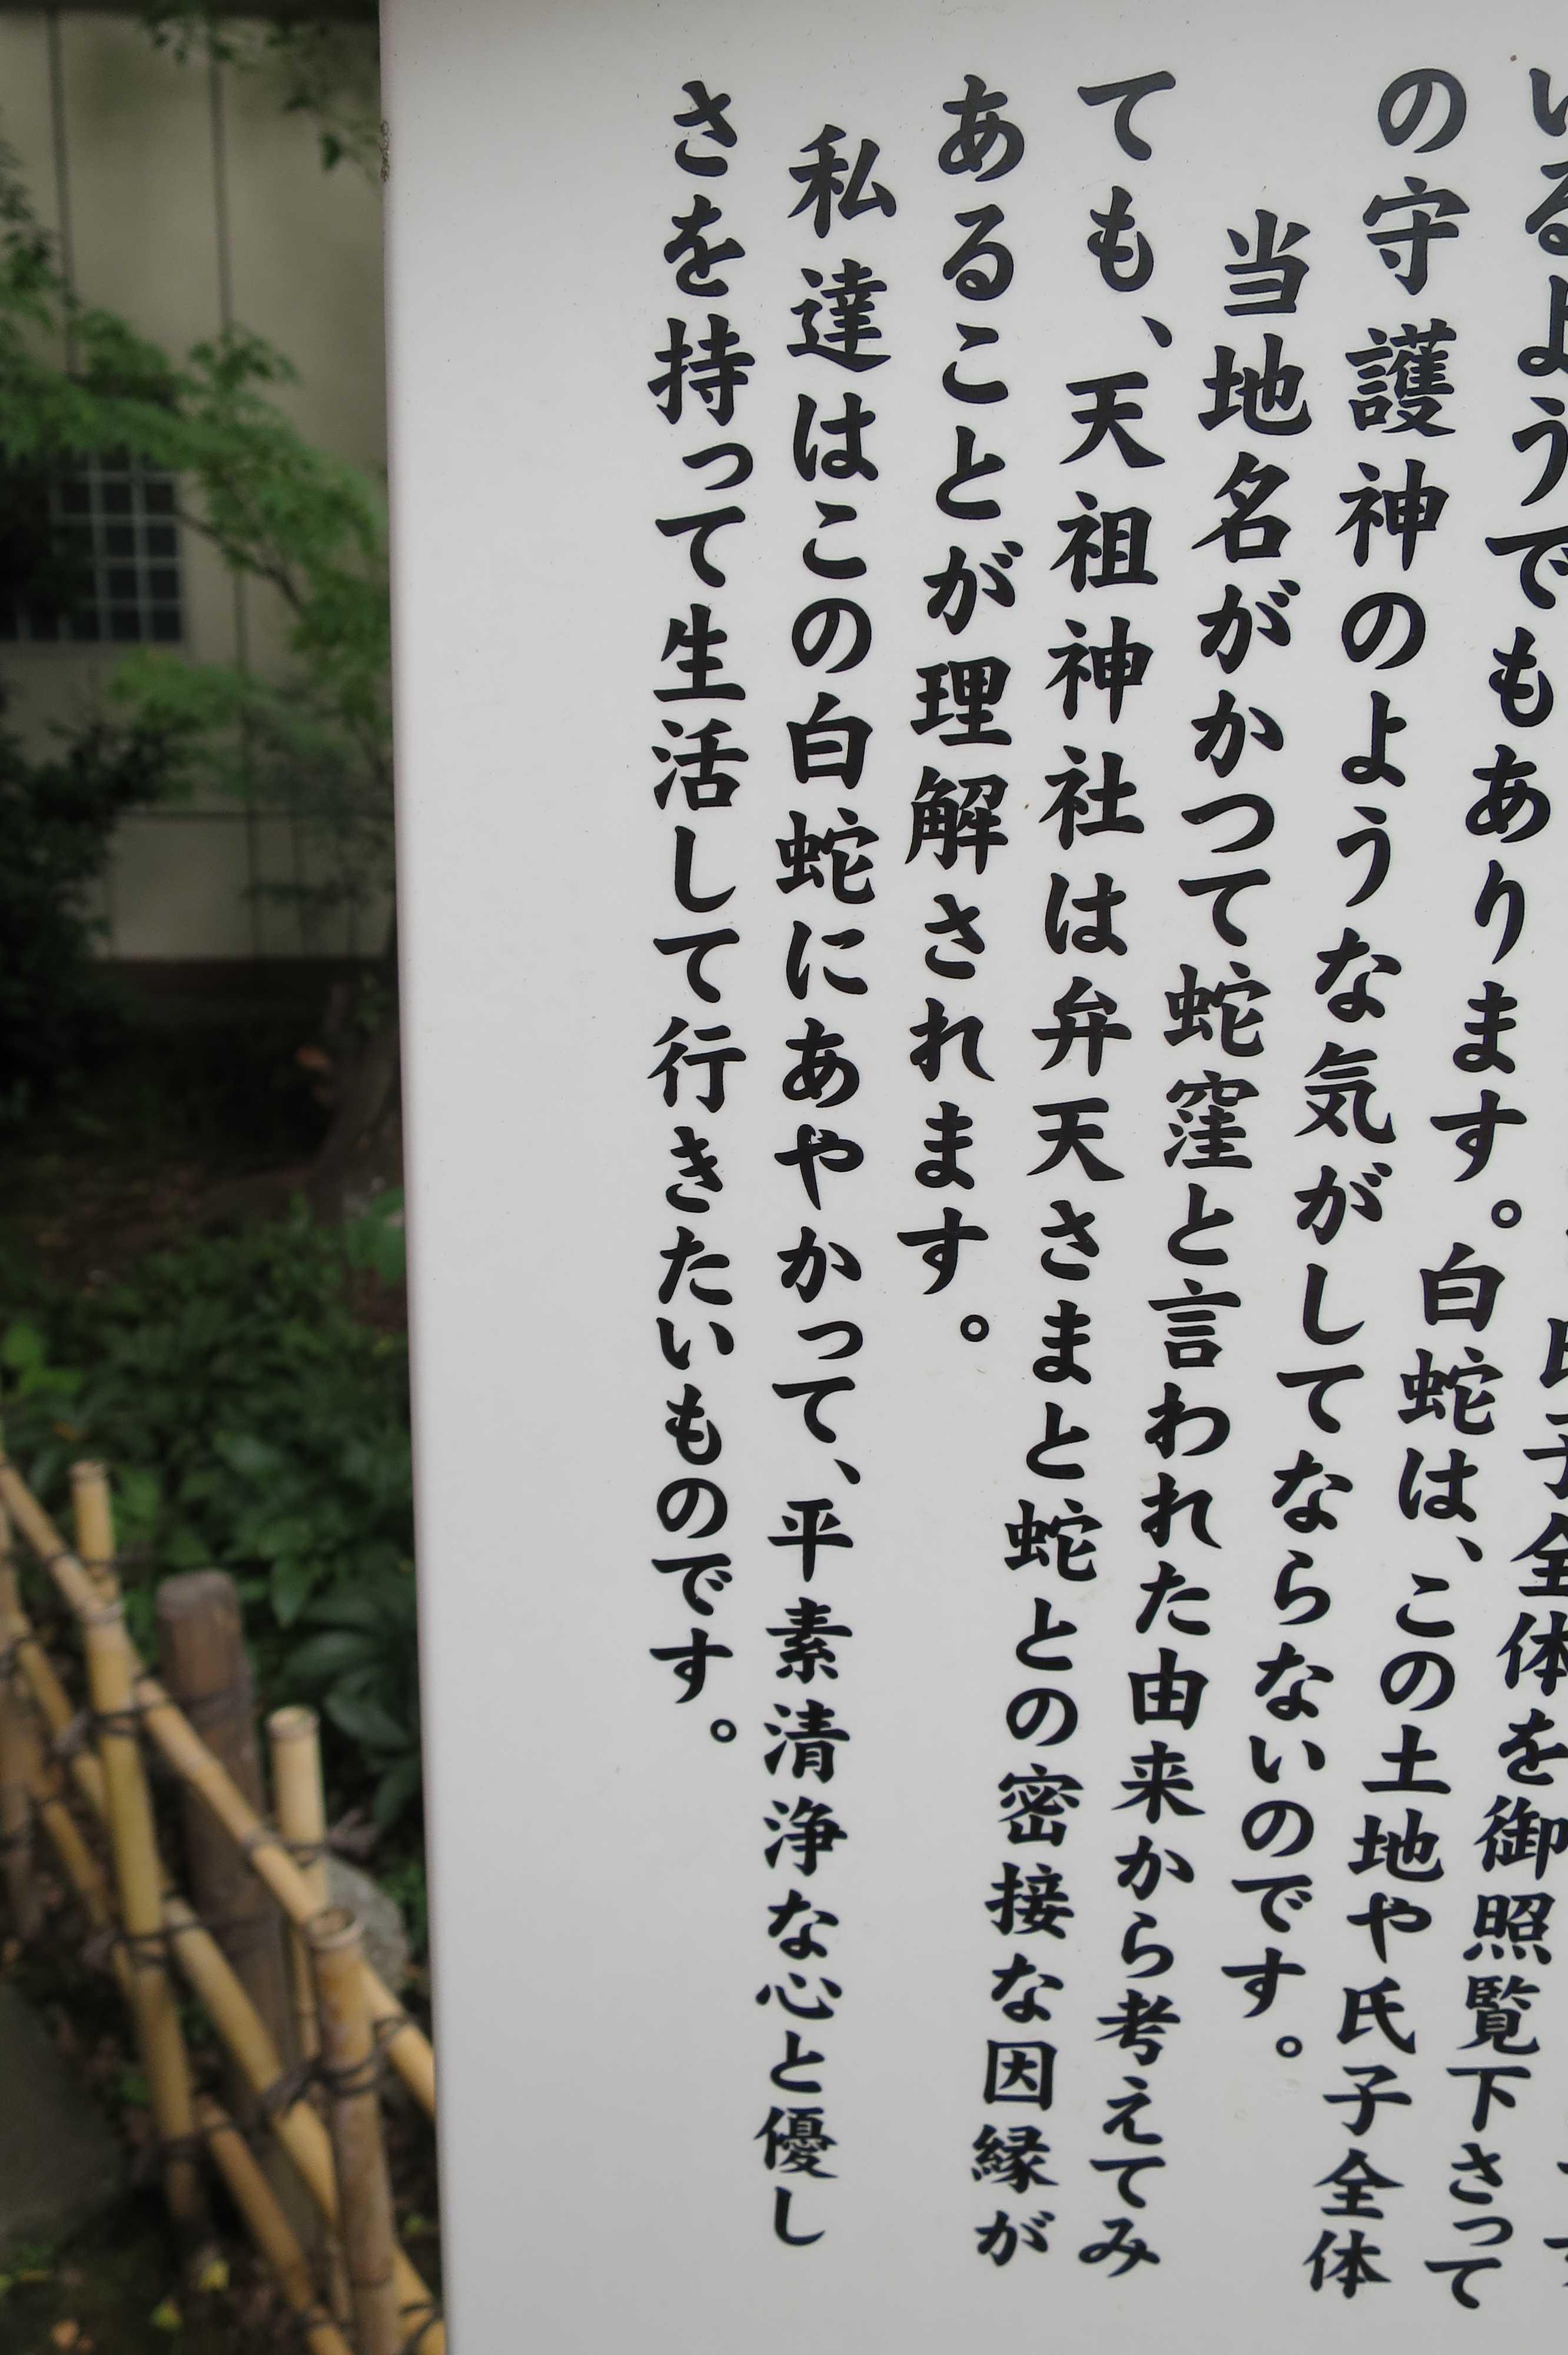 白蛇縁起(上神明天祖神社)